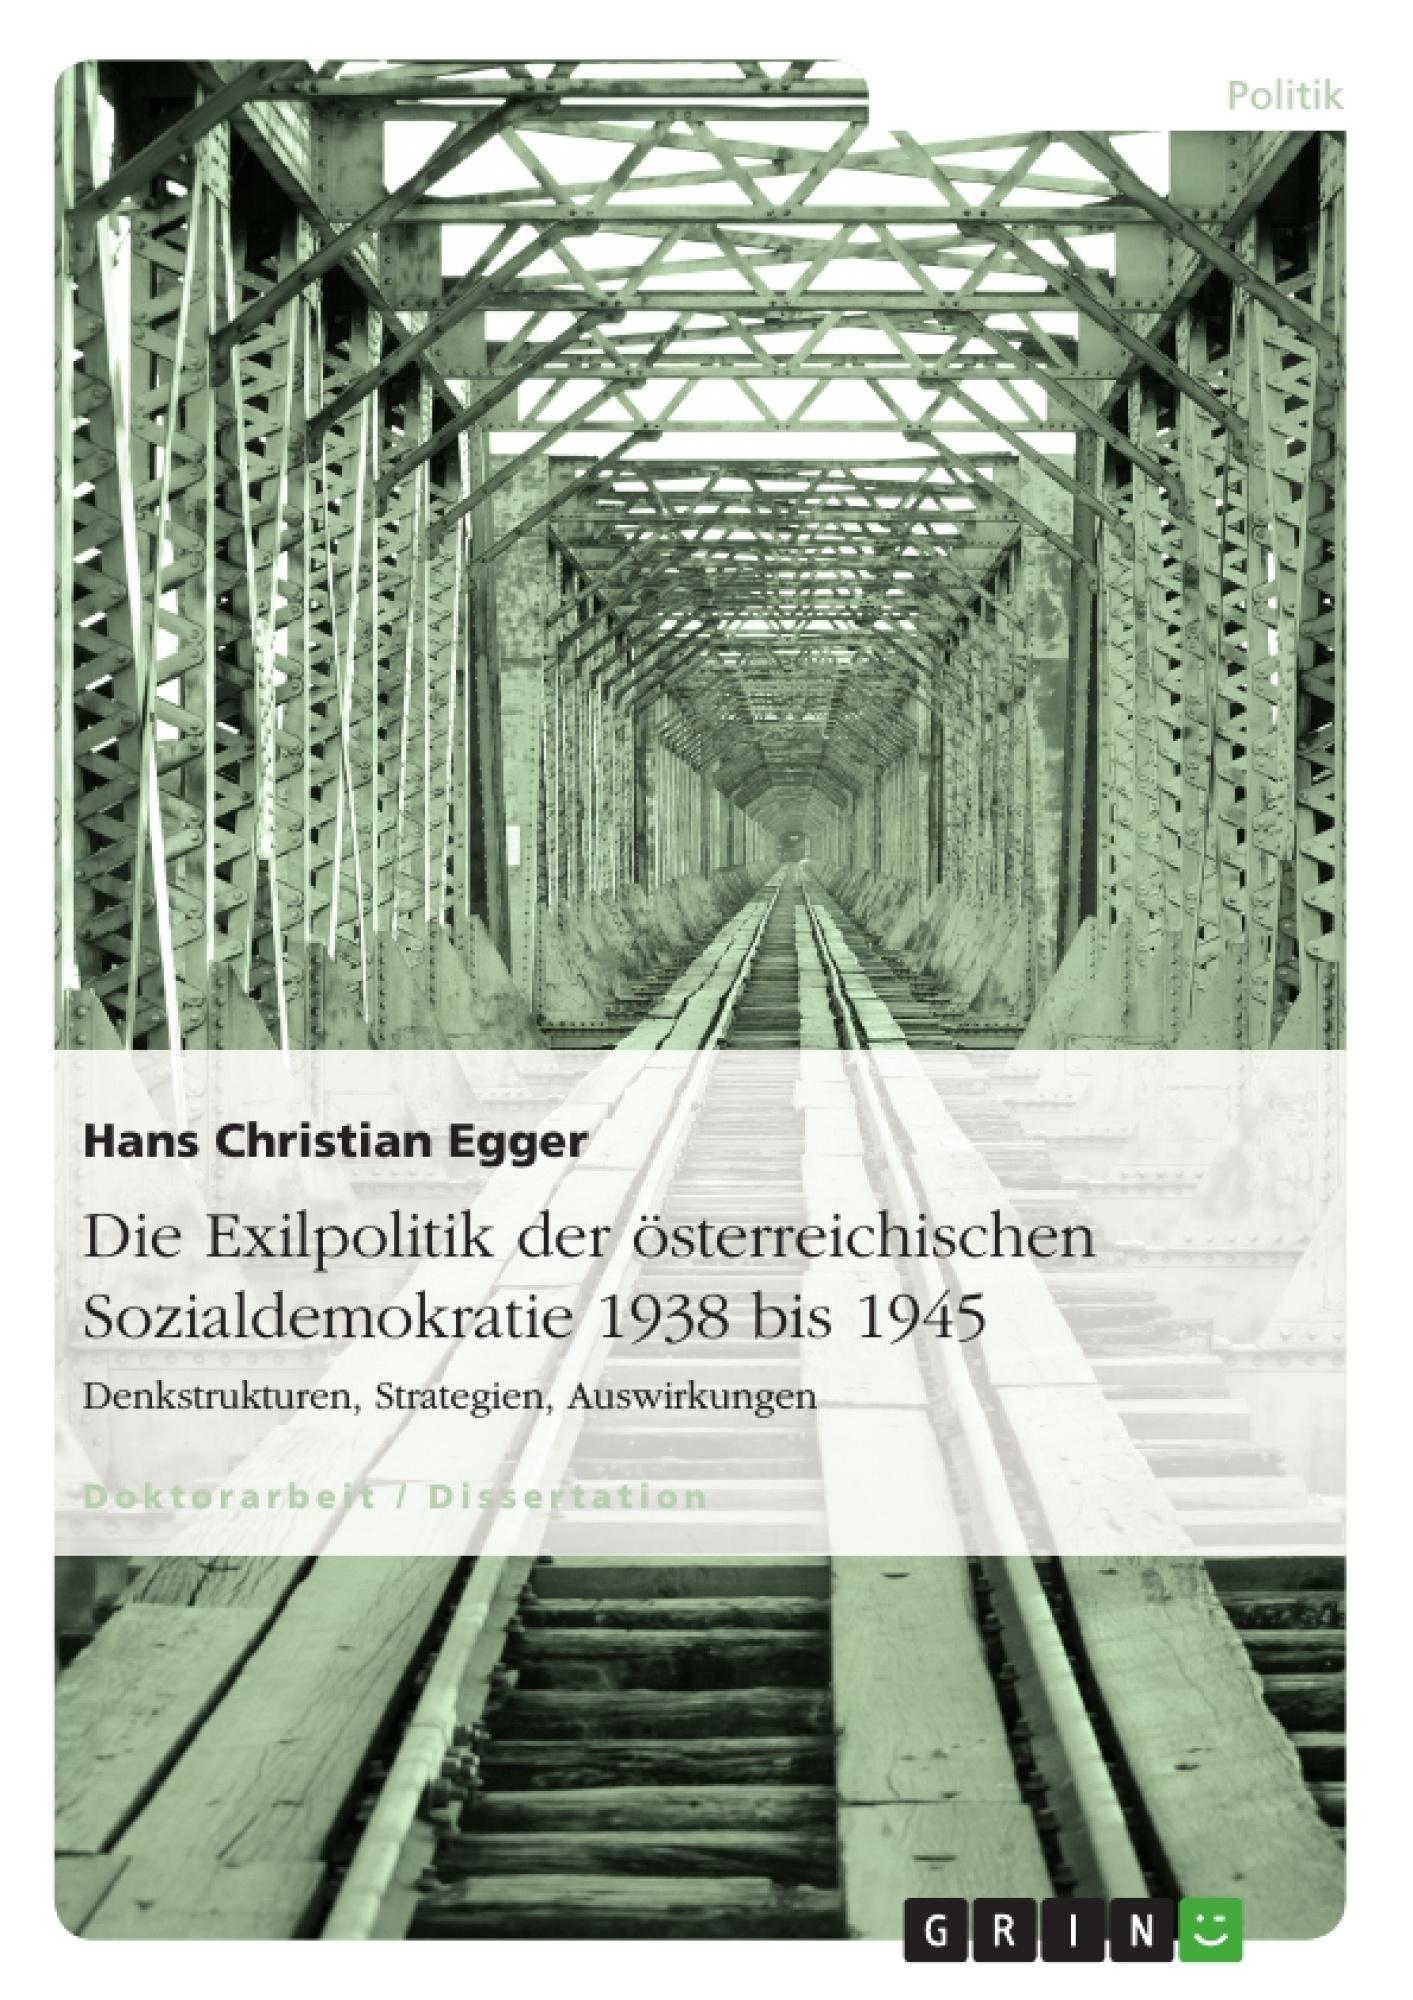 Titel: Die Exilpolitik der österreichischen Sozialdemokratie 1938 bis 1945